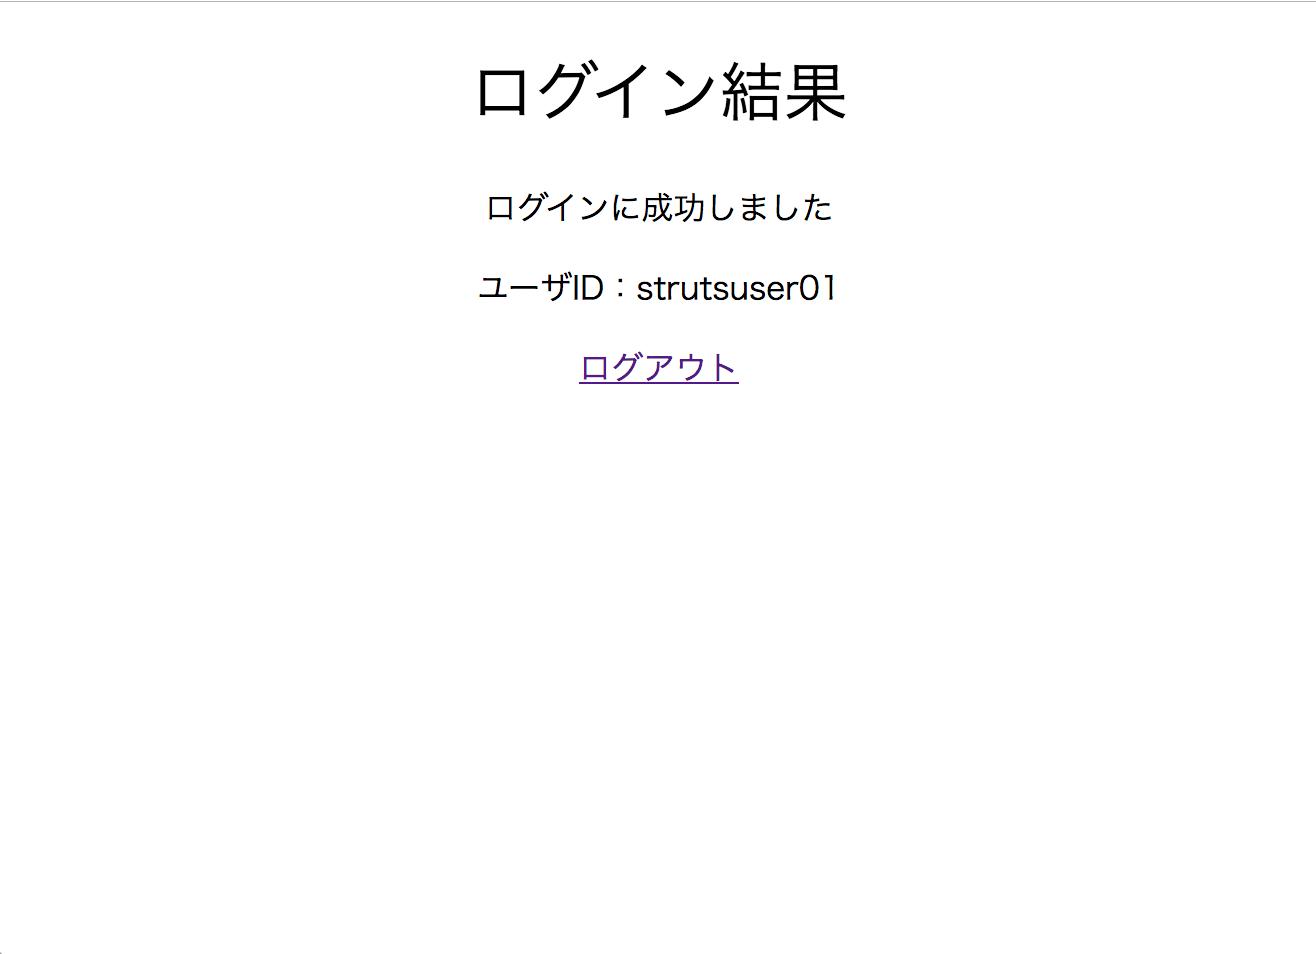 スクリーンショット 2019-09-12 18.58.42.png